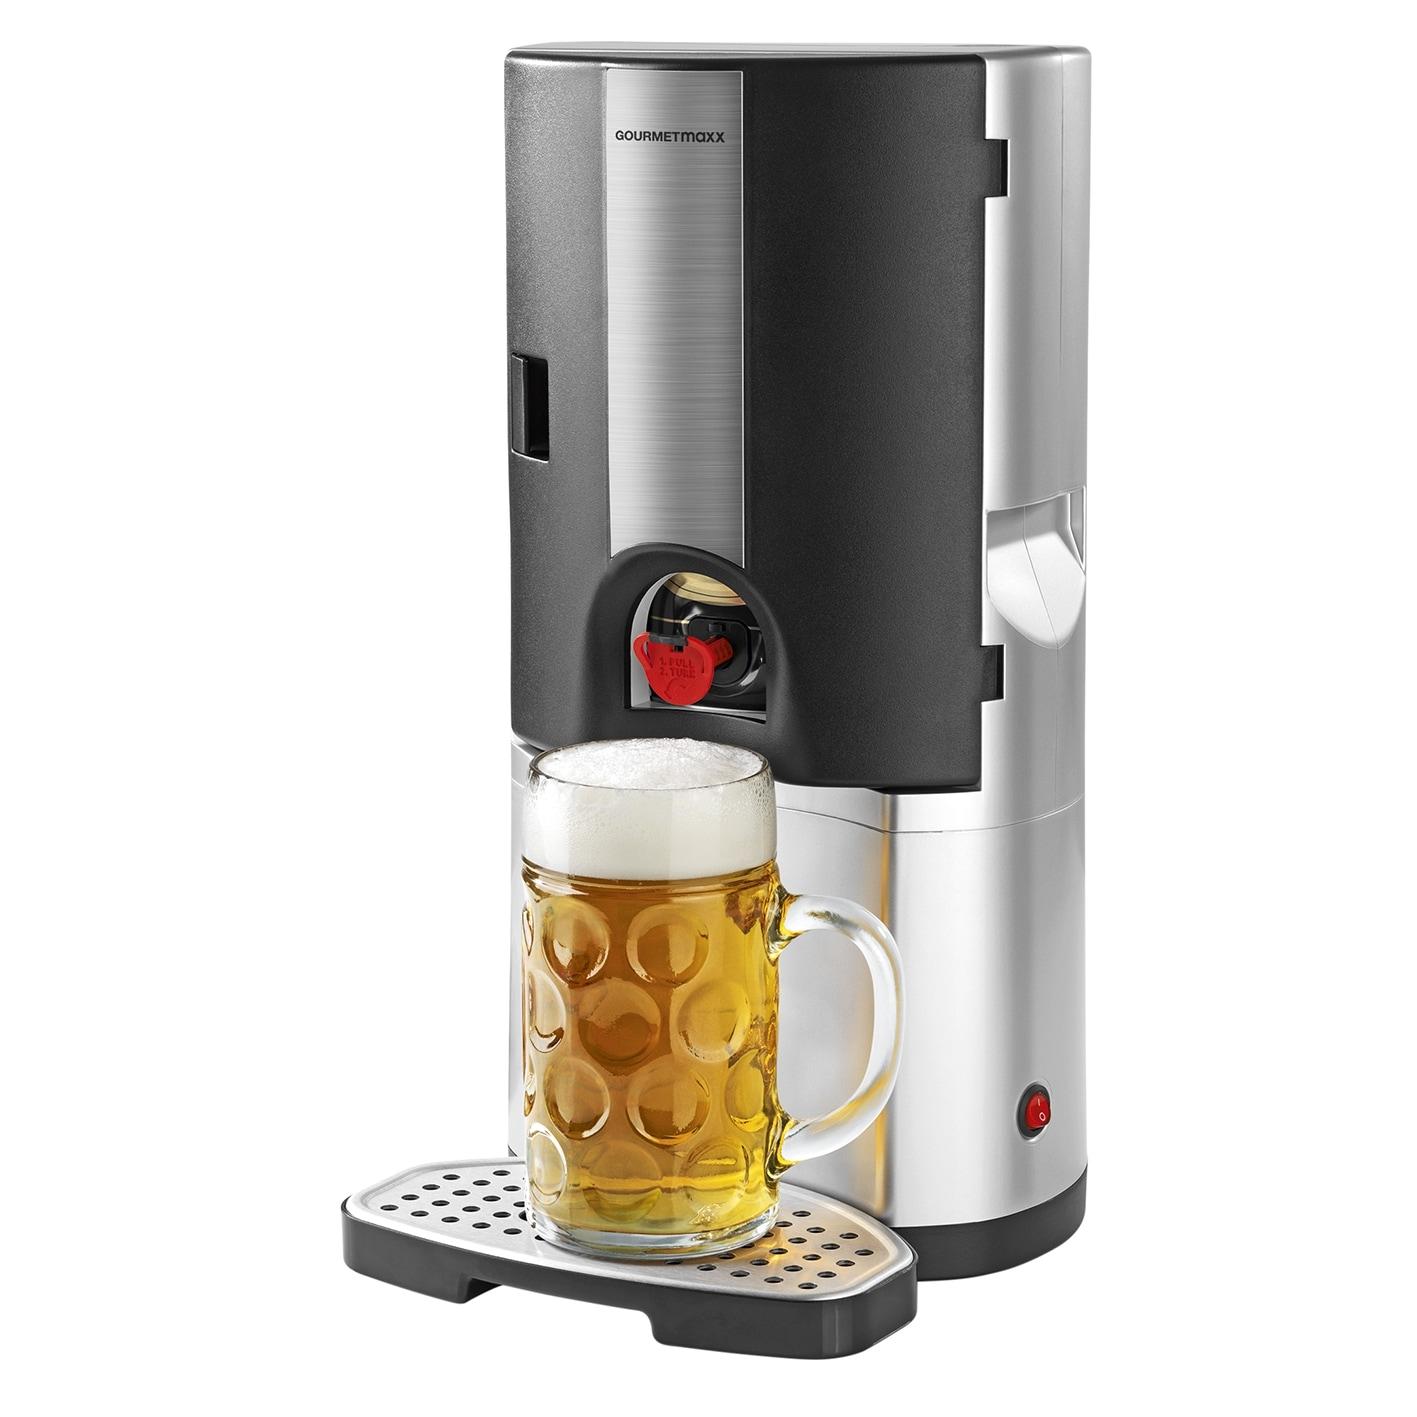 Gourmetmaxx Bierkühler 65W Silber/Schwarz